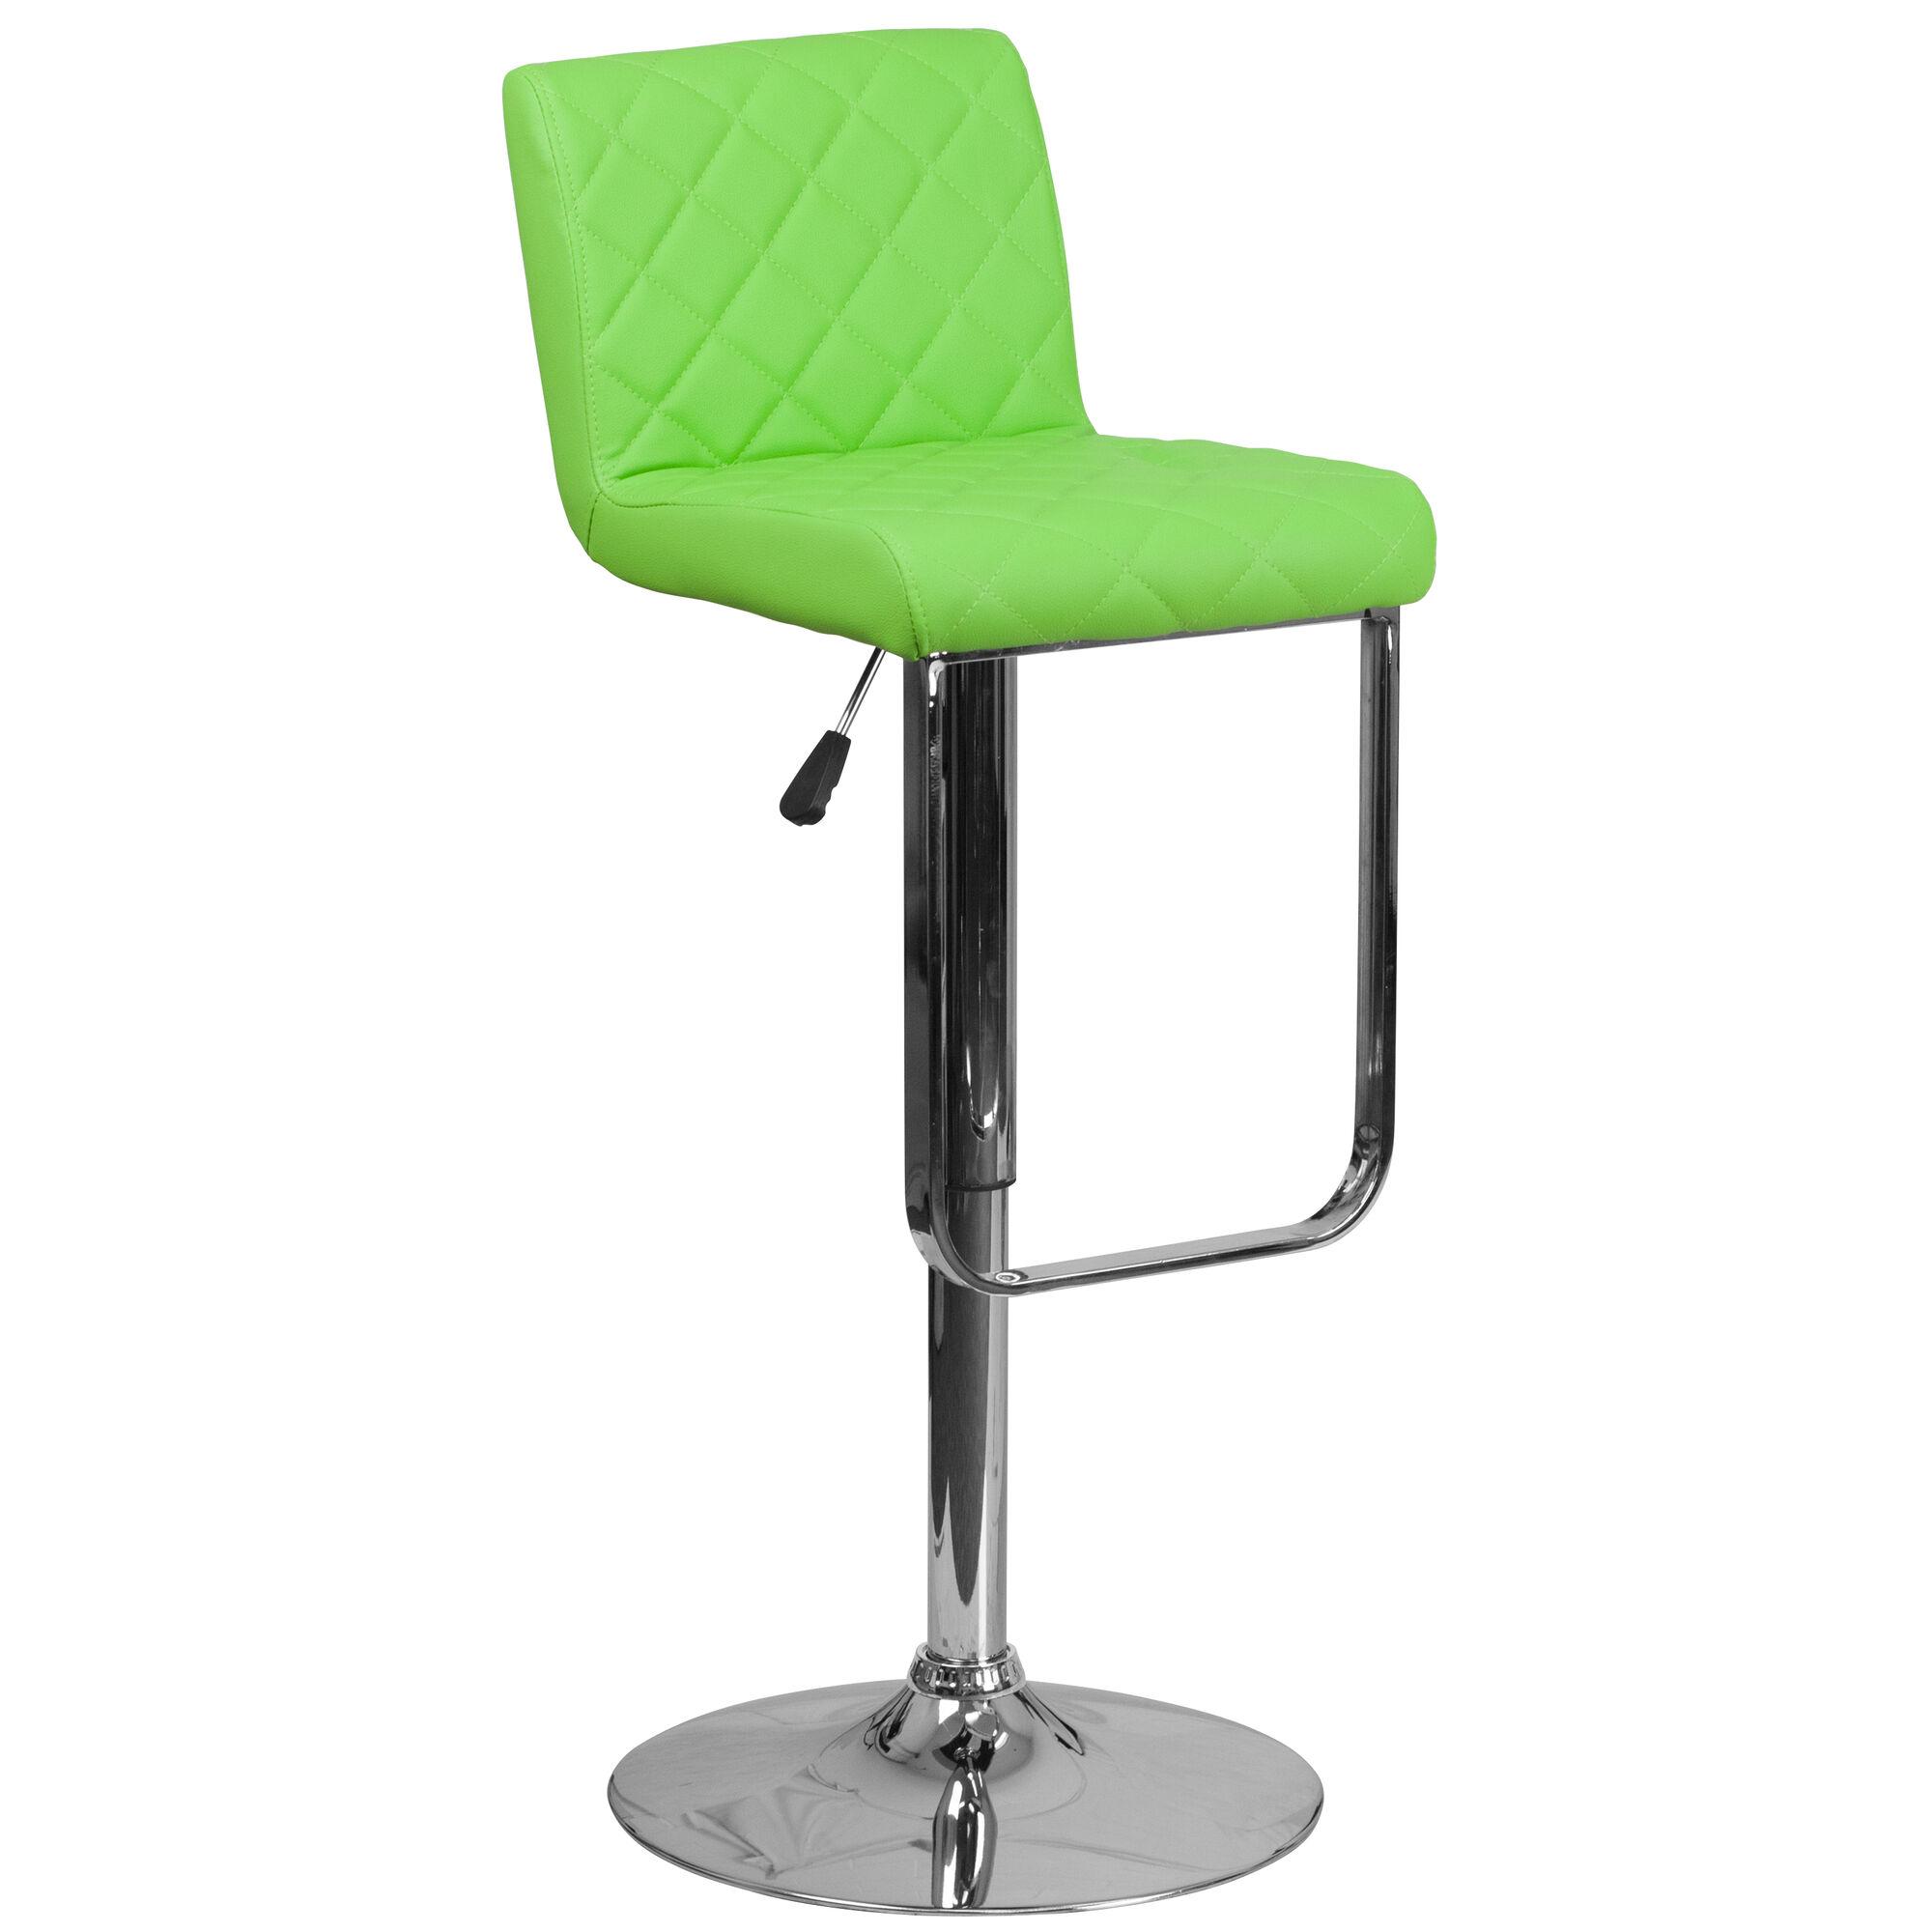 Flash Furniture Ds 8101 Gn Gg Bizchair Com